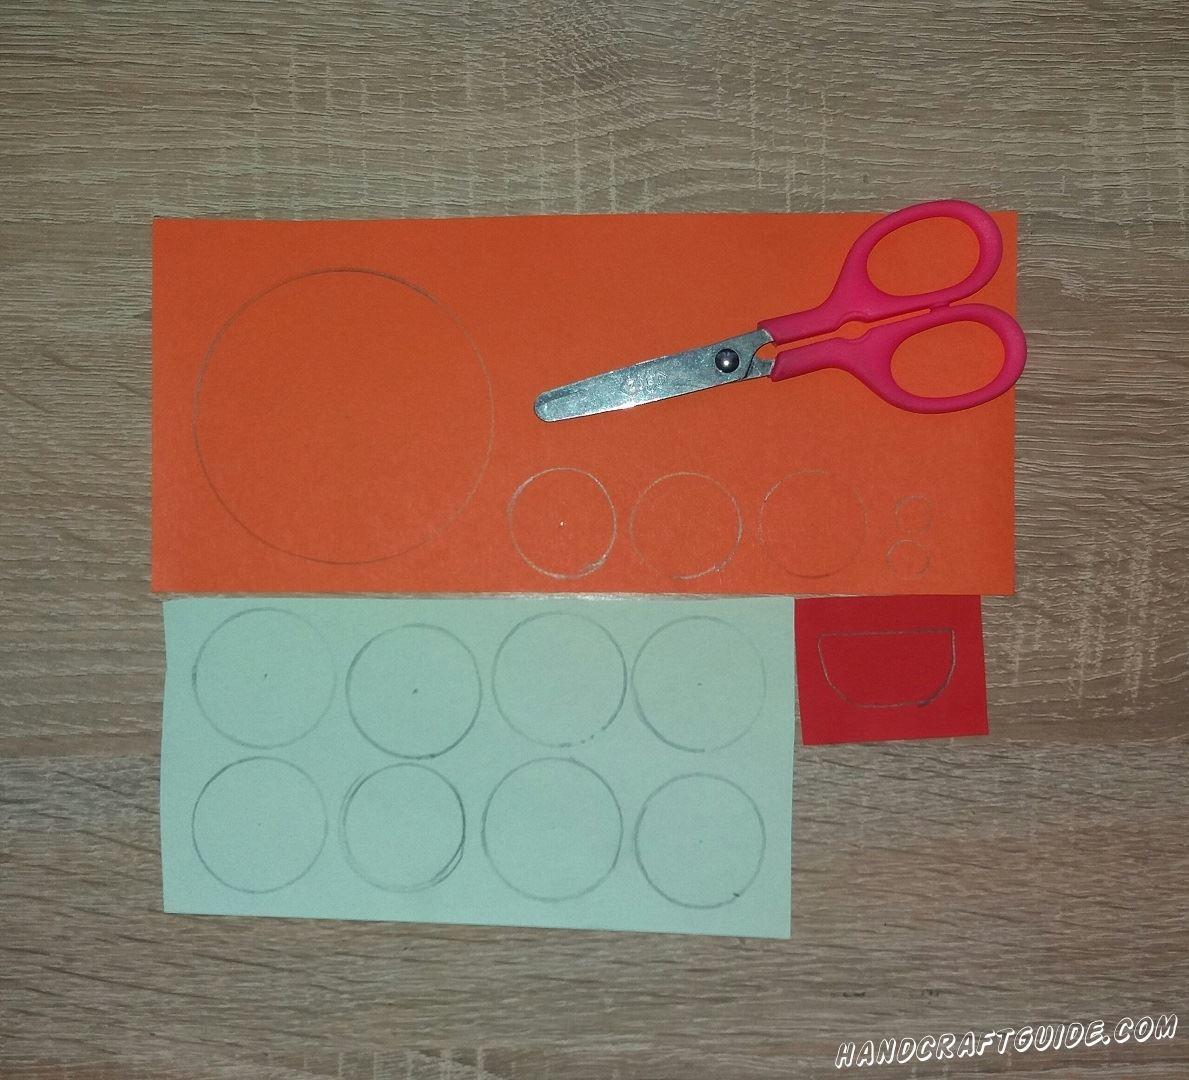 Подготовим все необходимые детальки для выполнения поделки. Для начала возьмем в руки светло-зеленую бумагу и вырежем с нее 8 одинаковых кружков. Затем из оранжевой бумаги вырезаем 3 кружка такого же размера, как и зелёную, 1 большой круг, 2 совсем маленьких круга,2 небольшие полоски и 2 клешни. Из красной бумаги вырезаем один полукруг. Когда подготовка завершена, можем переходить к самому веселому.